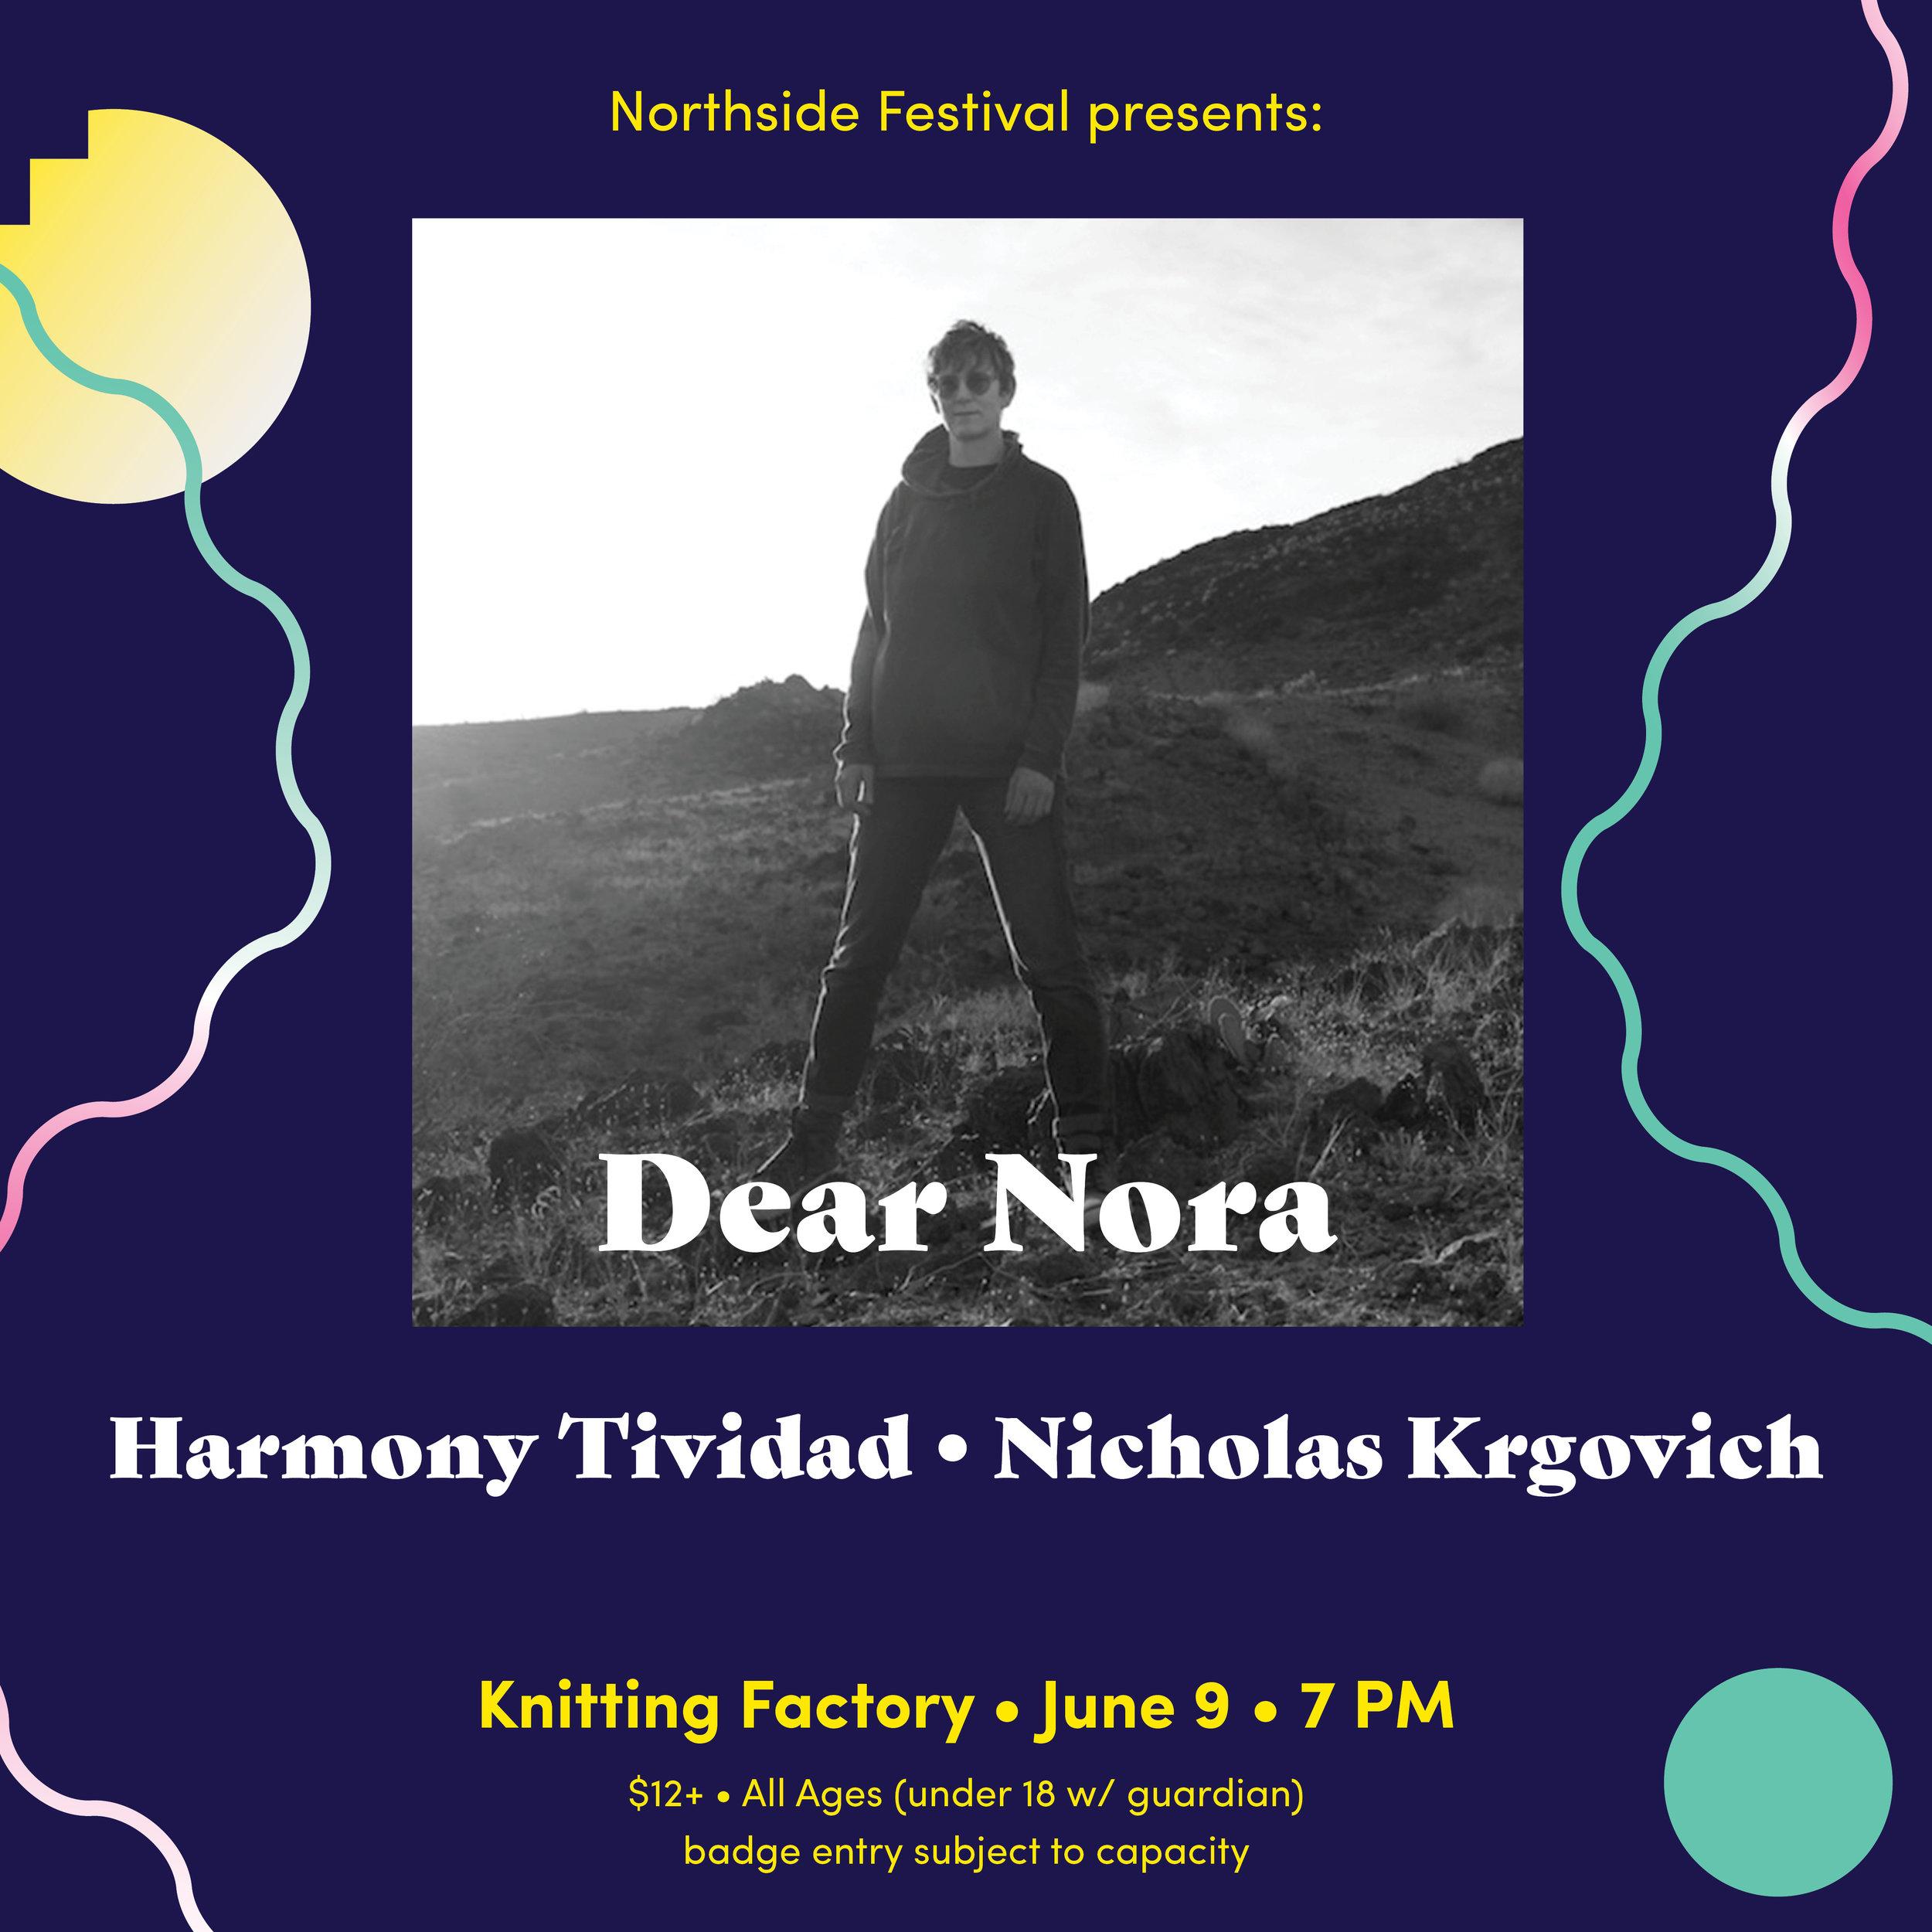 NS18_Music_DearNora_Social.jpg